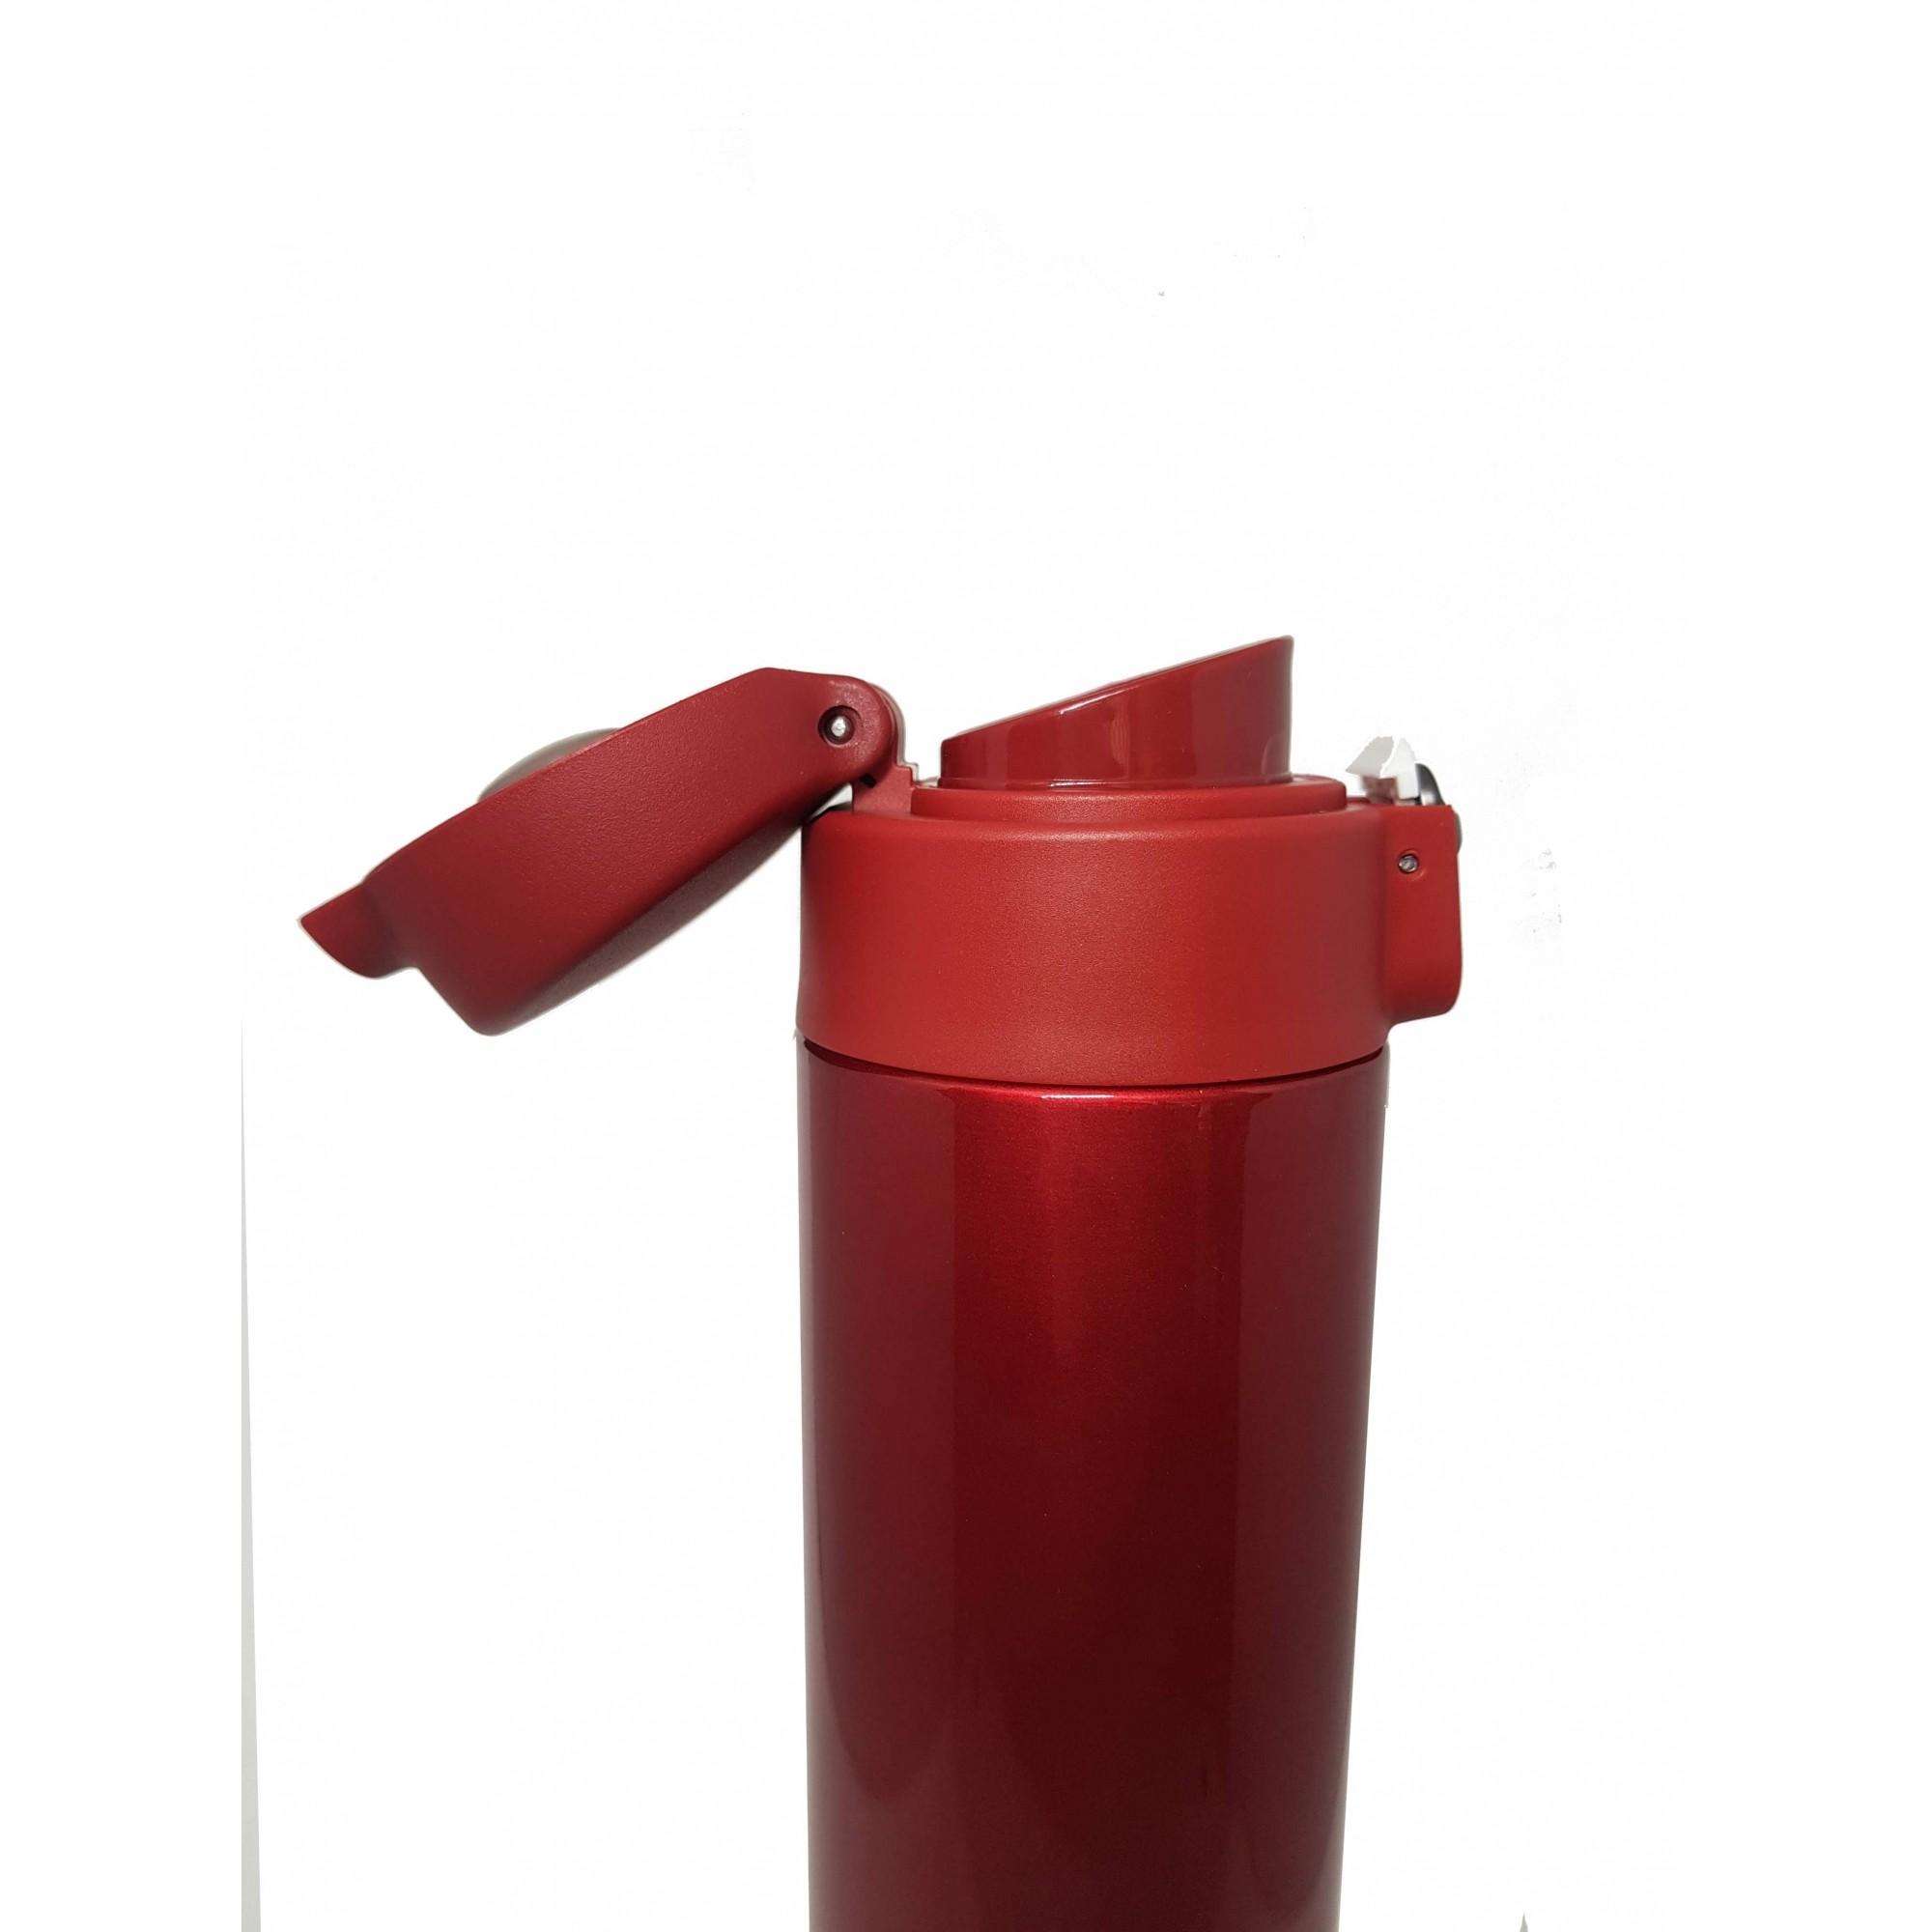 Kit Mundo Mochila + garrafa inox 500 ml Vermelha + kit 6 em 1 Rainbow